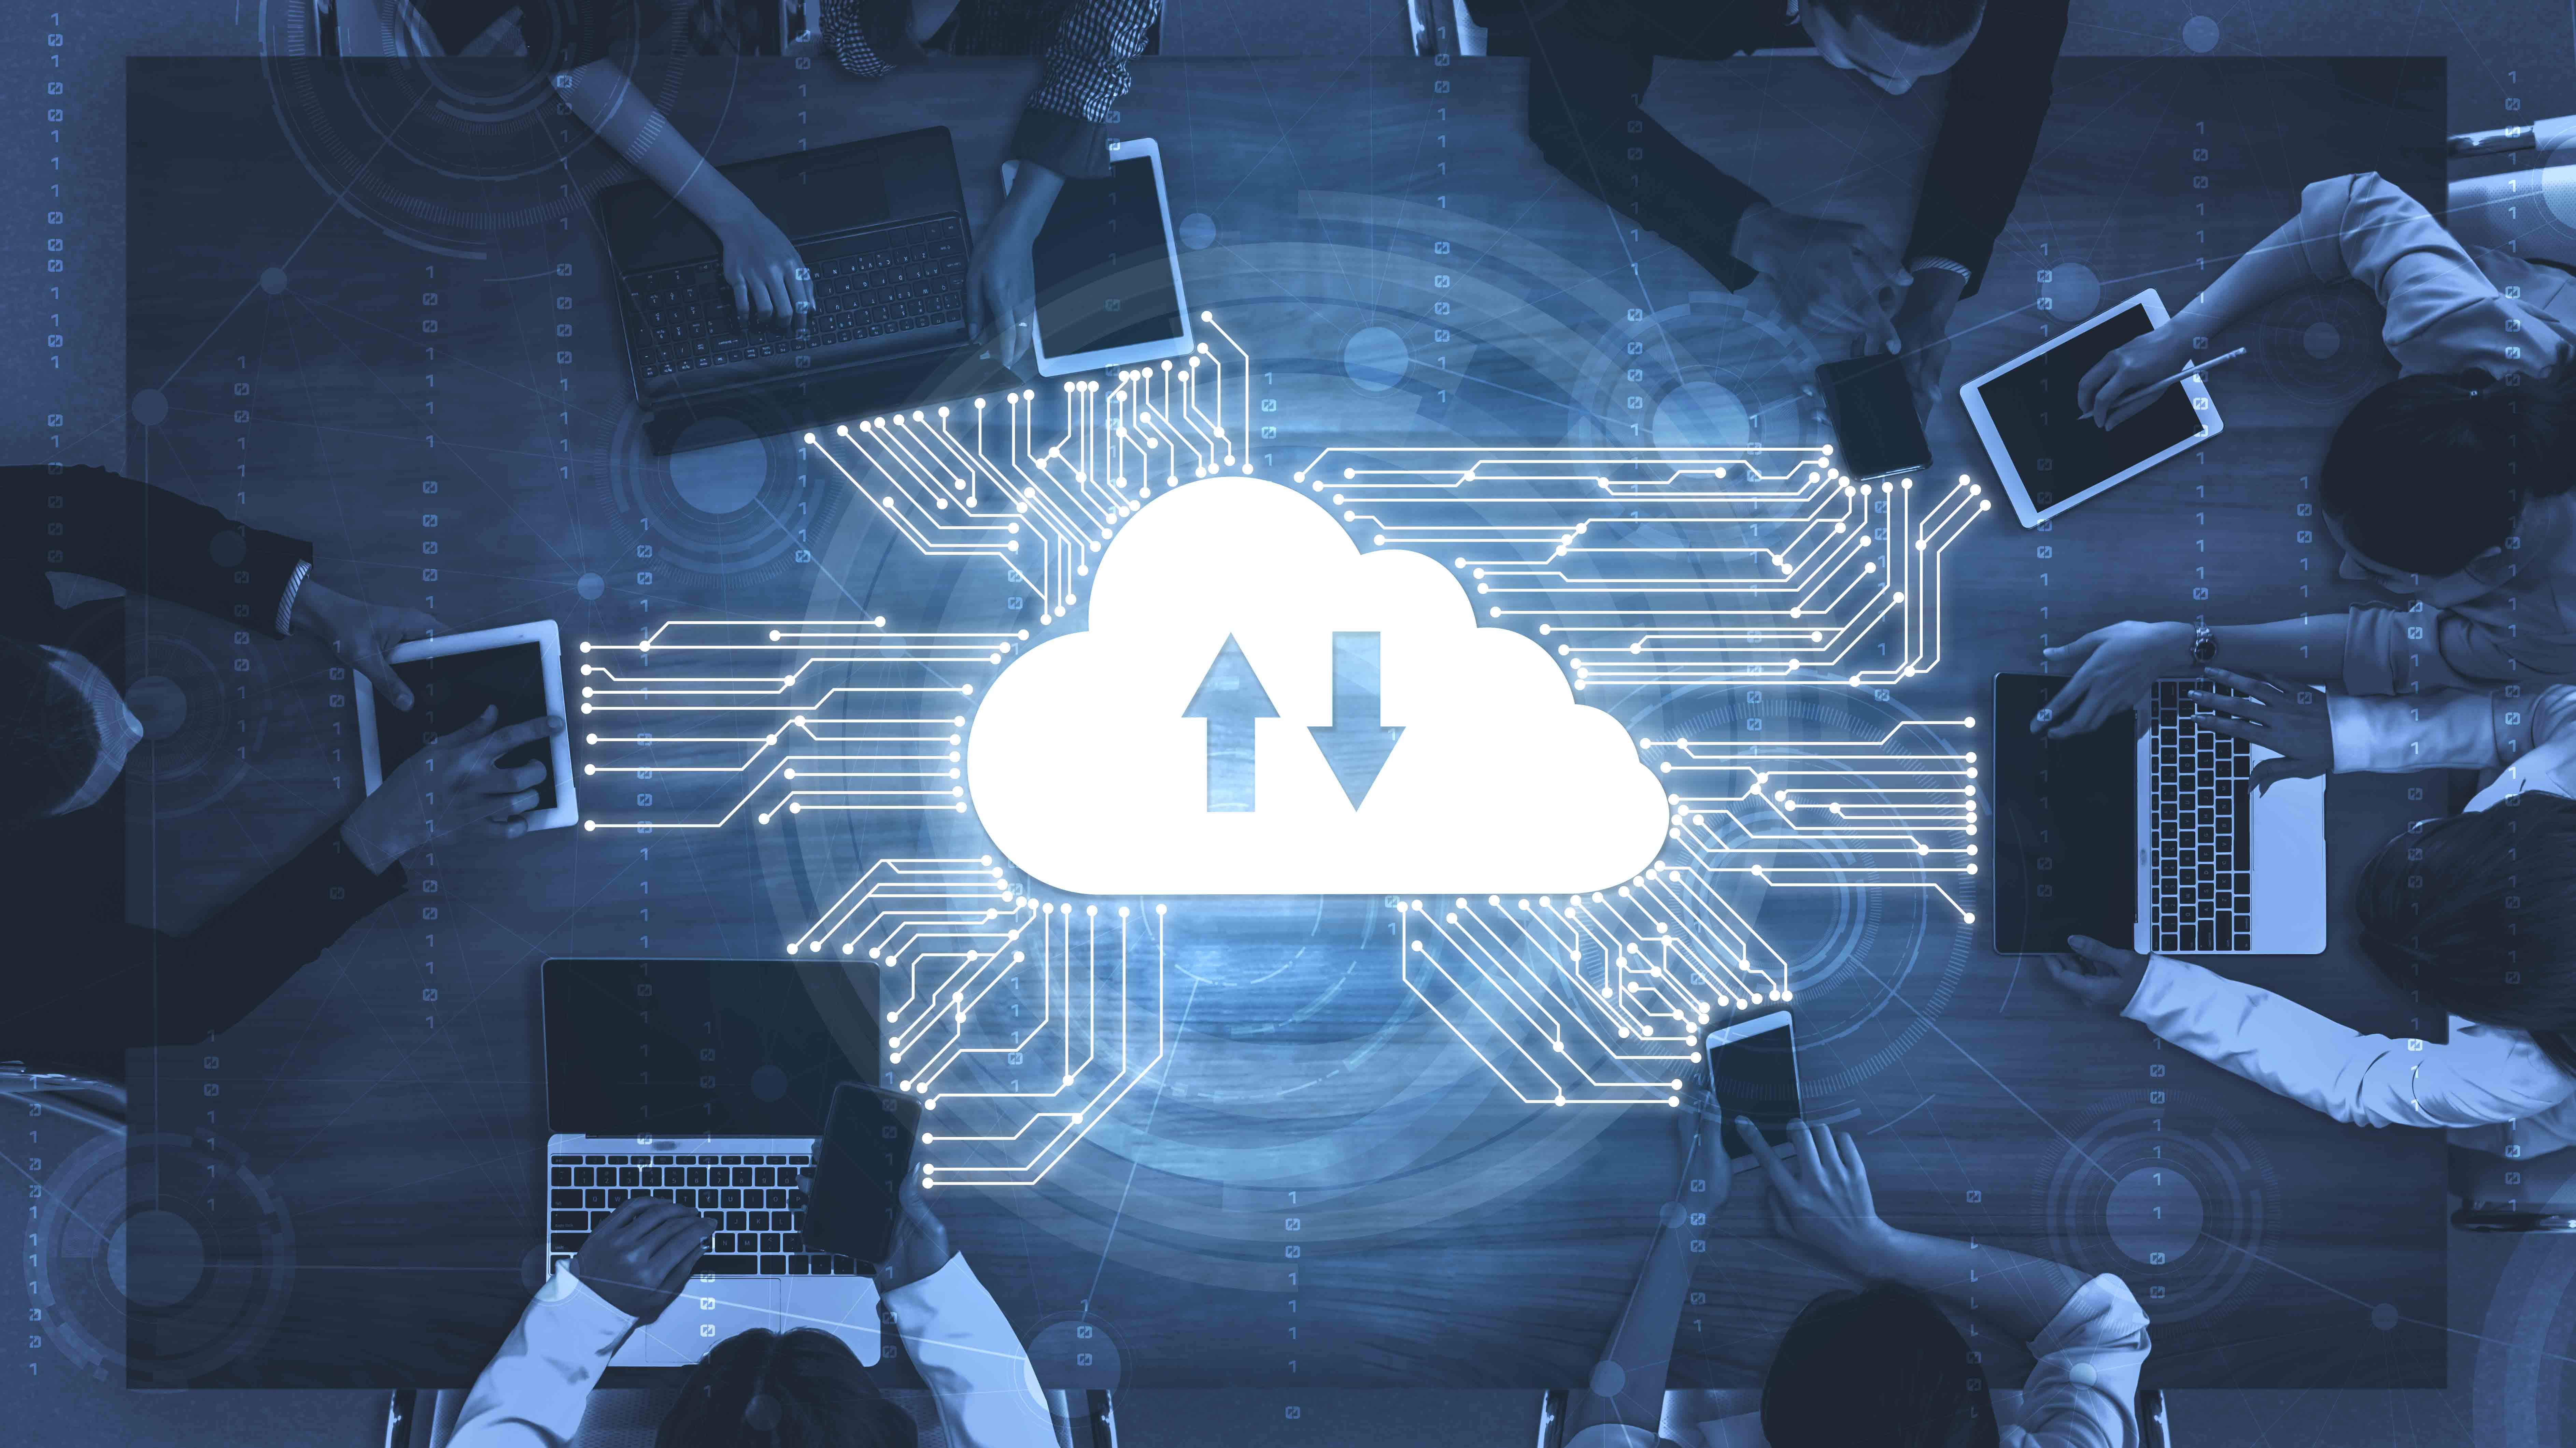 <p>¿Cómo migrar de forma segura al cloud público?</p>